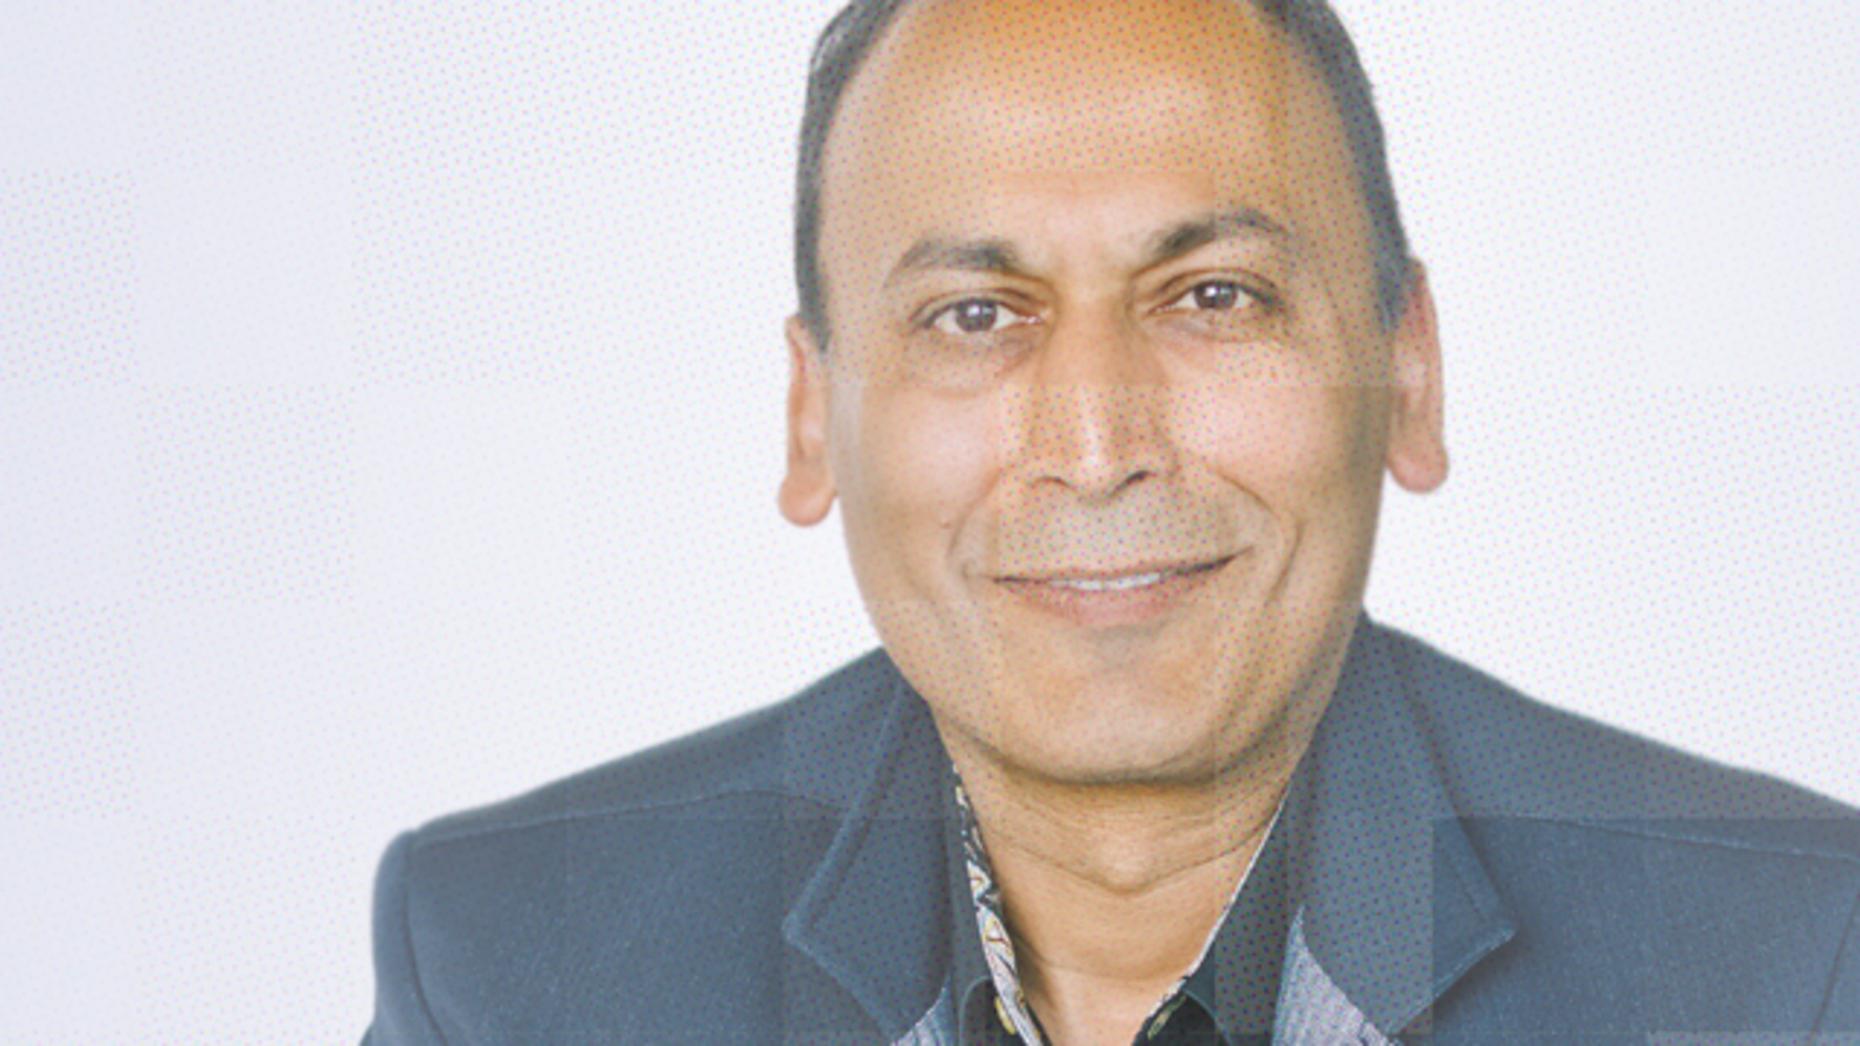 Poshmark CEO Manish Chandra